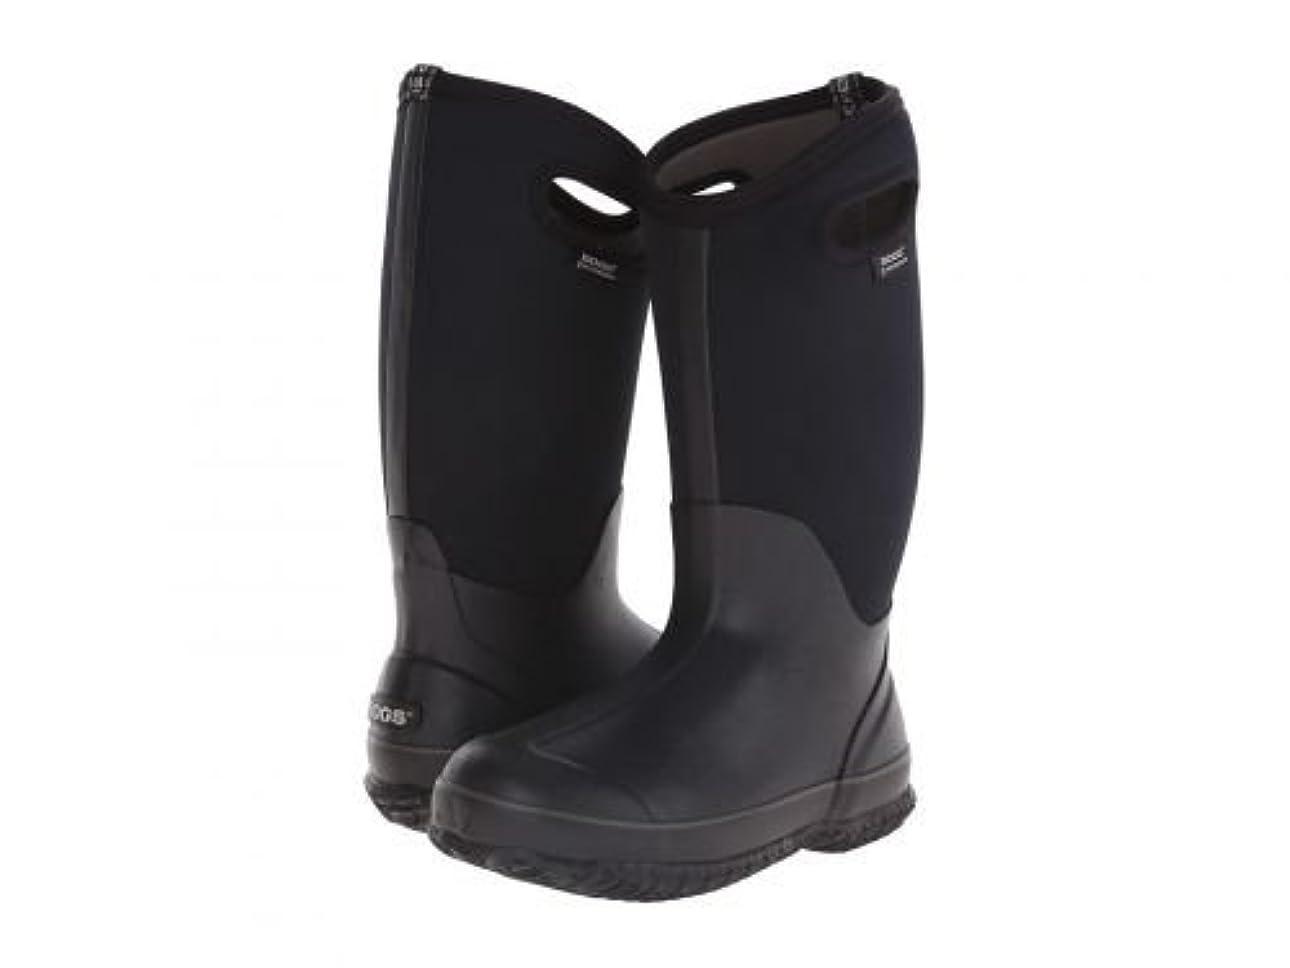 溝ましい他のバンドでBogs(ボグス) レディース 女性用 シューズ 靴 ブーツ スノーブーツ Classic High Handles - Black 6 D - Wide [並行輸入品]